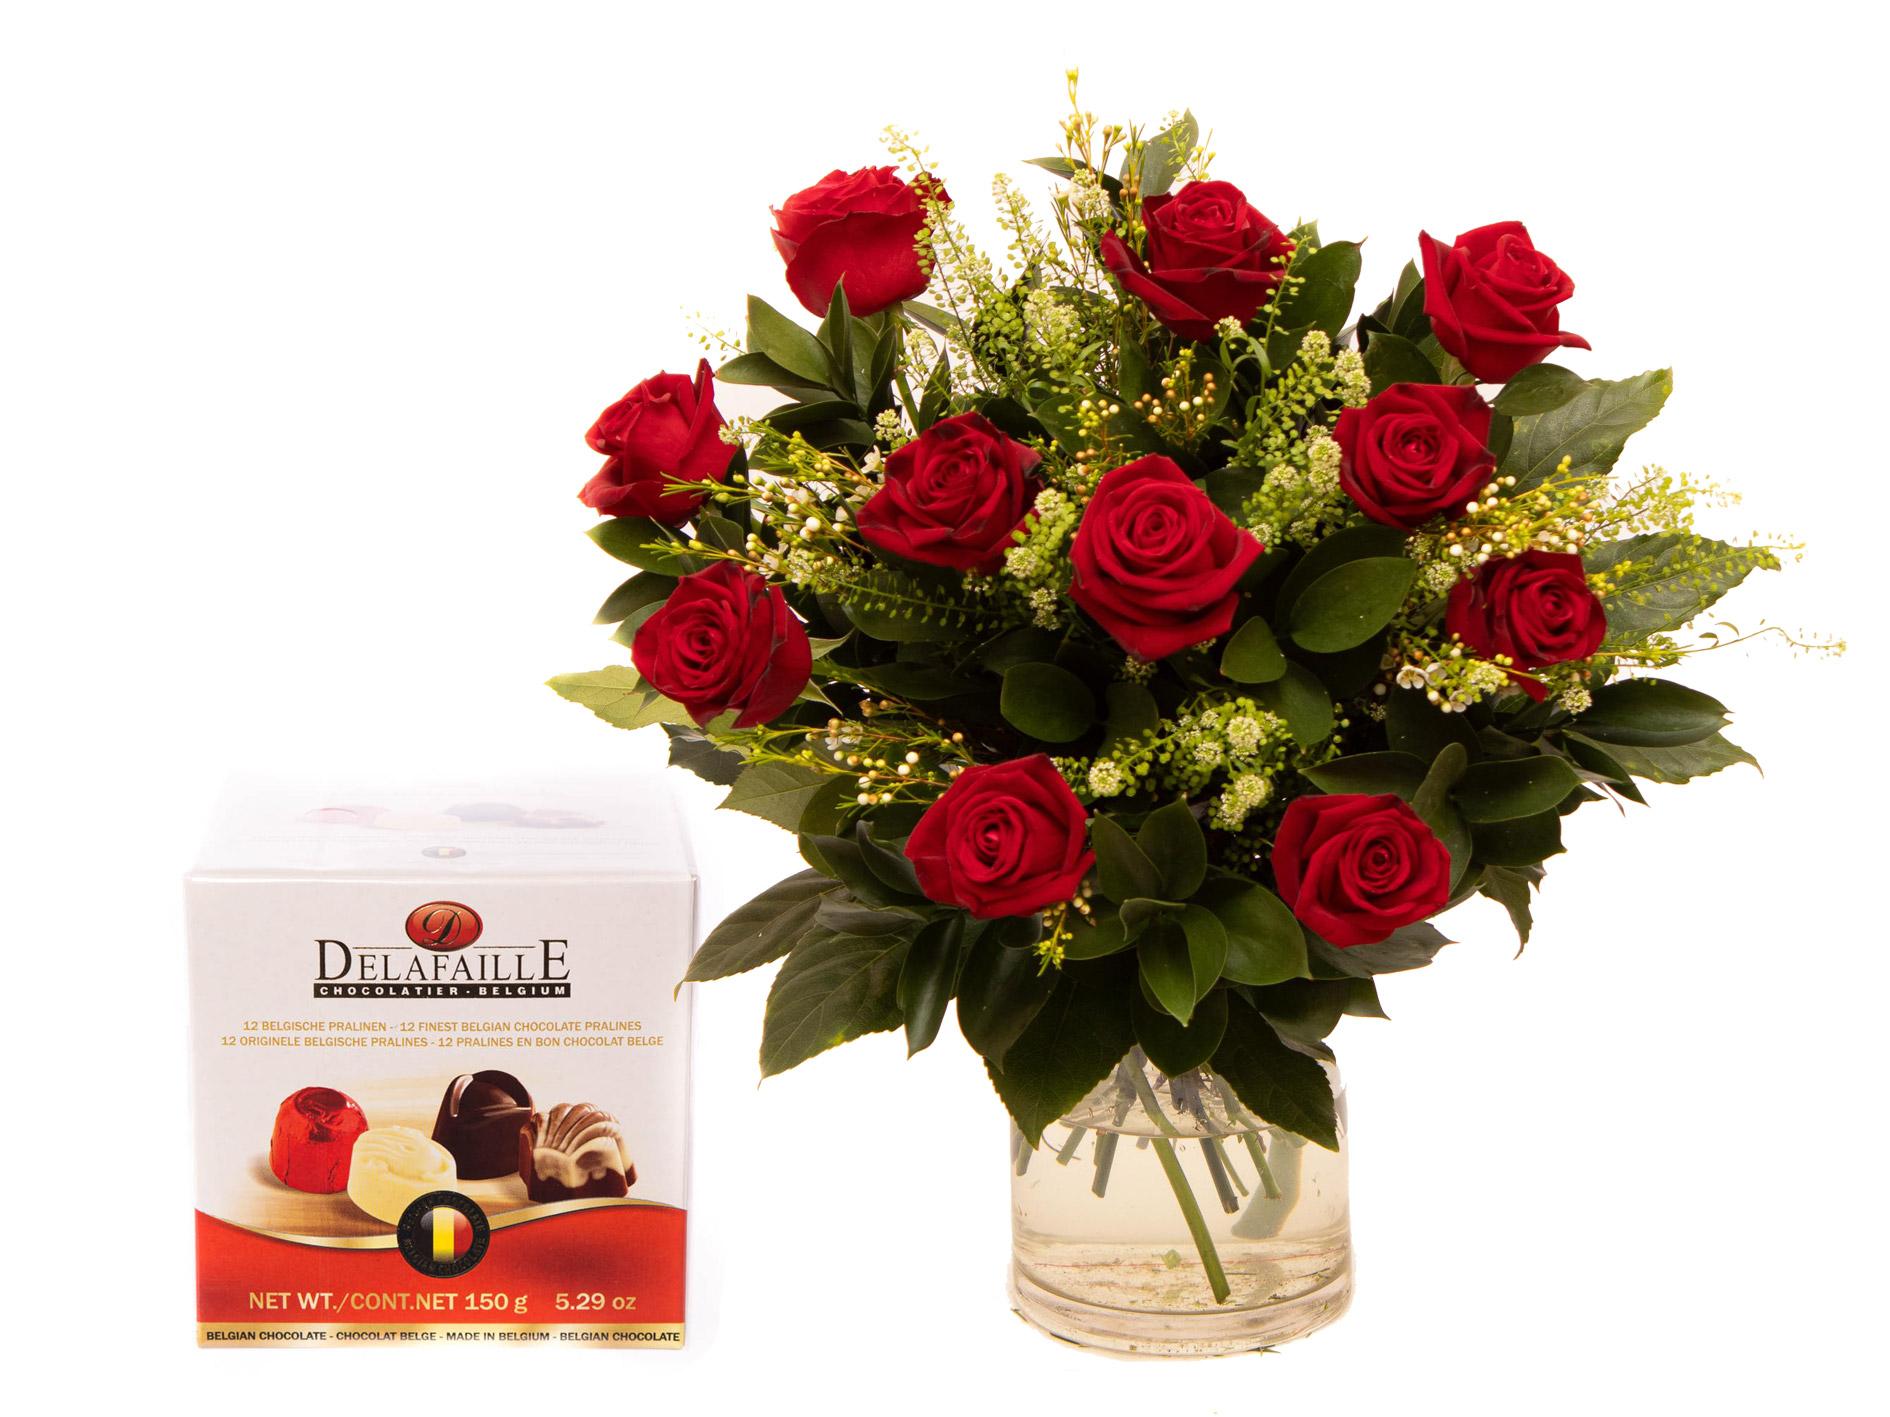 דיל אהבה - פרחים ושוקולד - The garden - טבריה